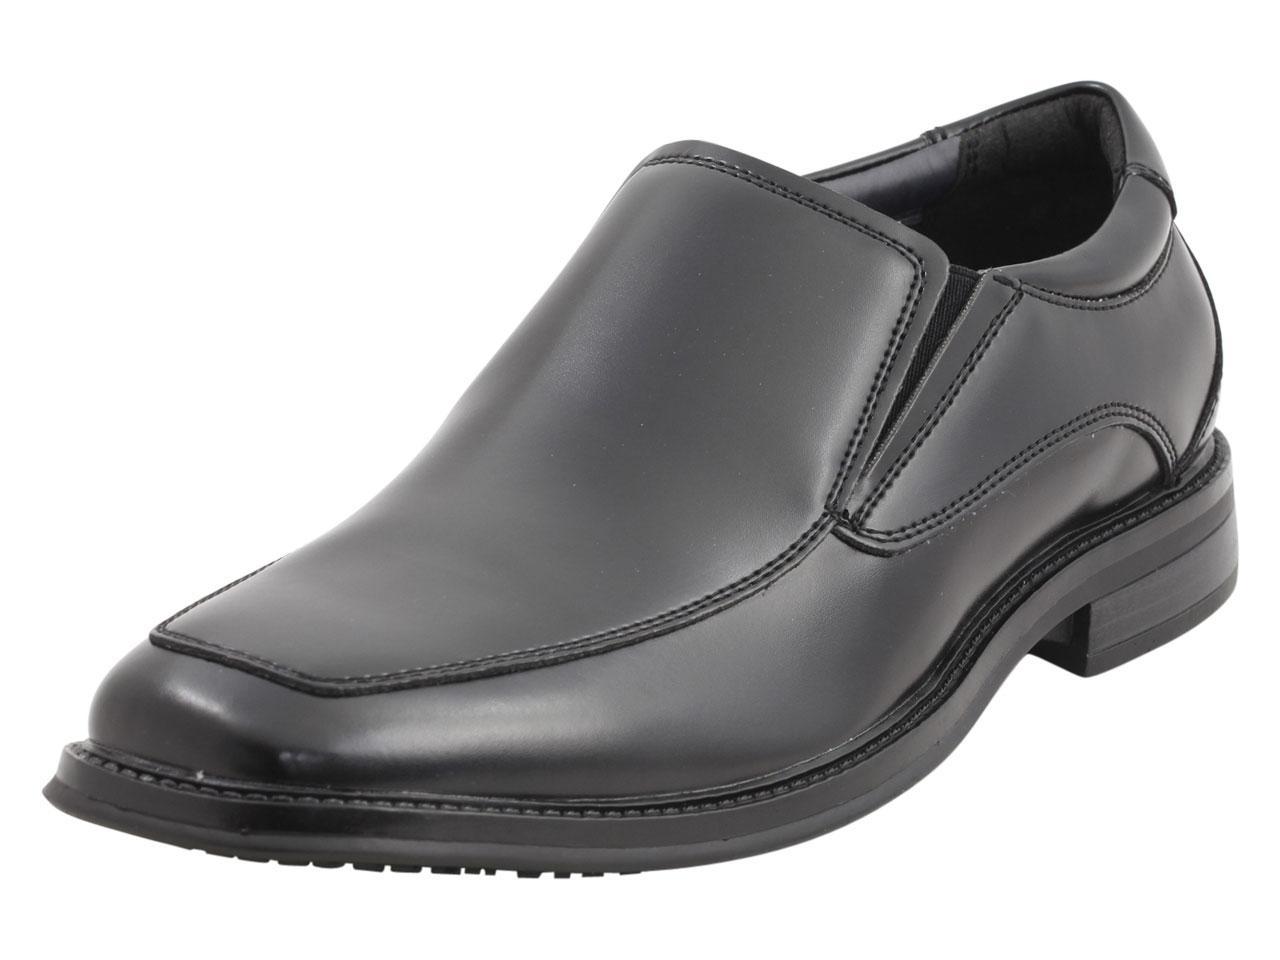 b5f52b1fc744d Dockers Men s Lawton Memory Foam Slip Resistant Loafers Shoes by Dockers